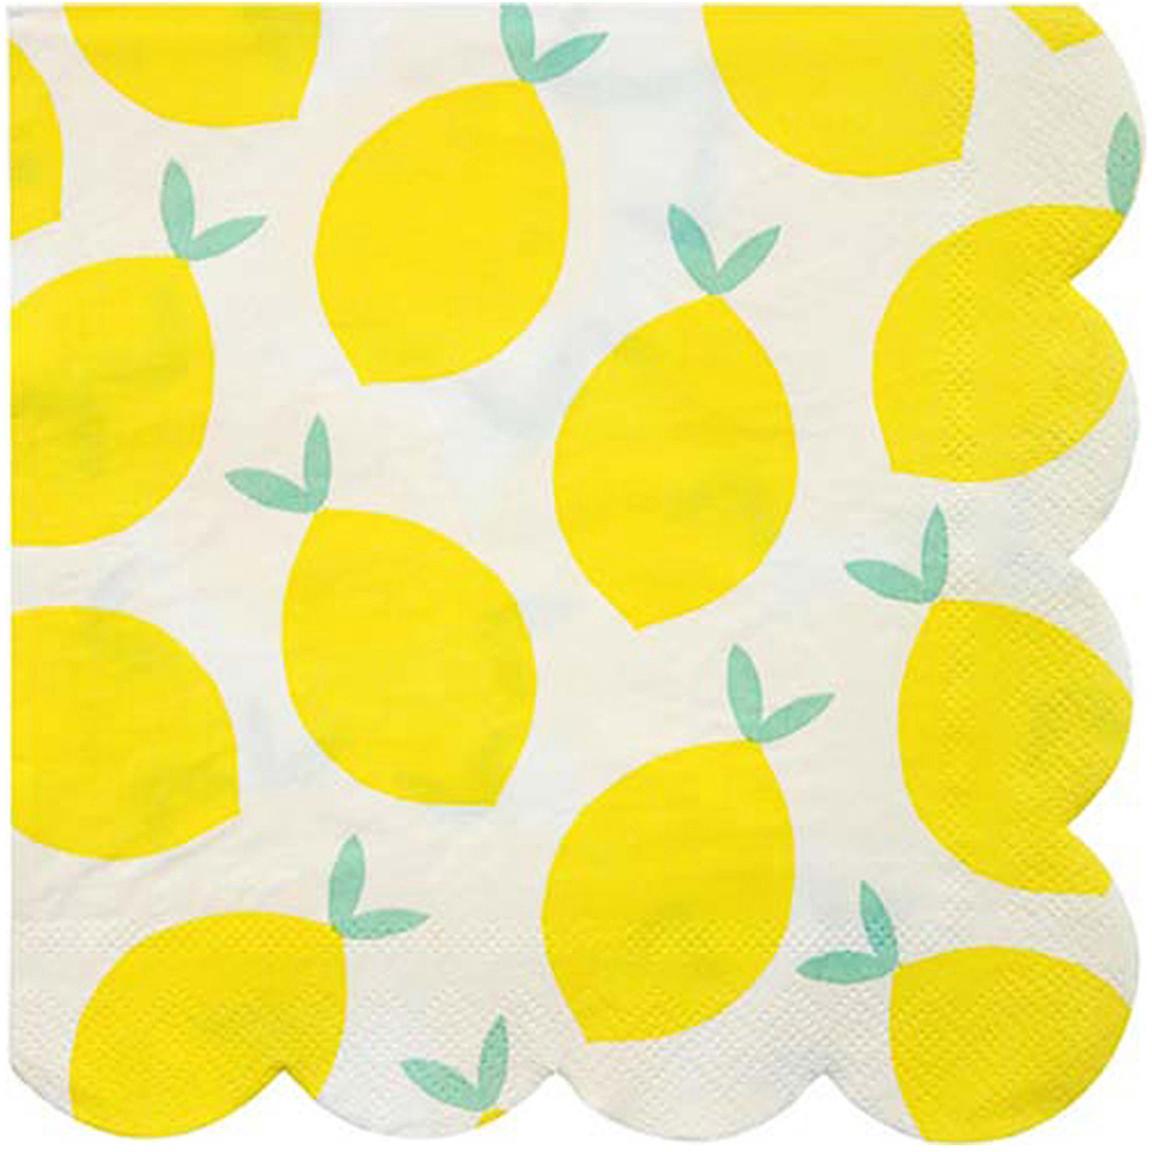 Servilletas de papel Lemon, 20uds., Papel, Blanco, amarillo, verde, An 33 x L 33 cm